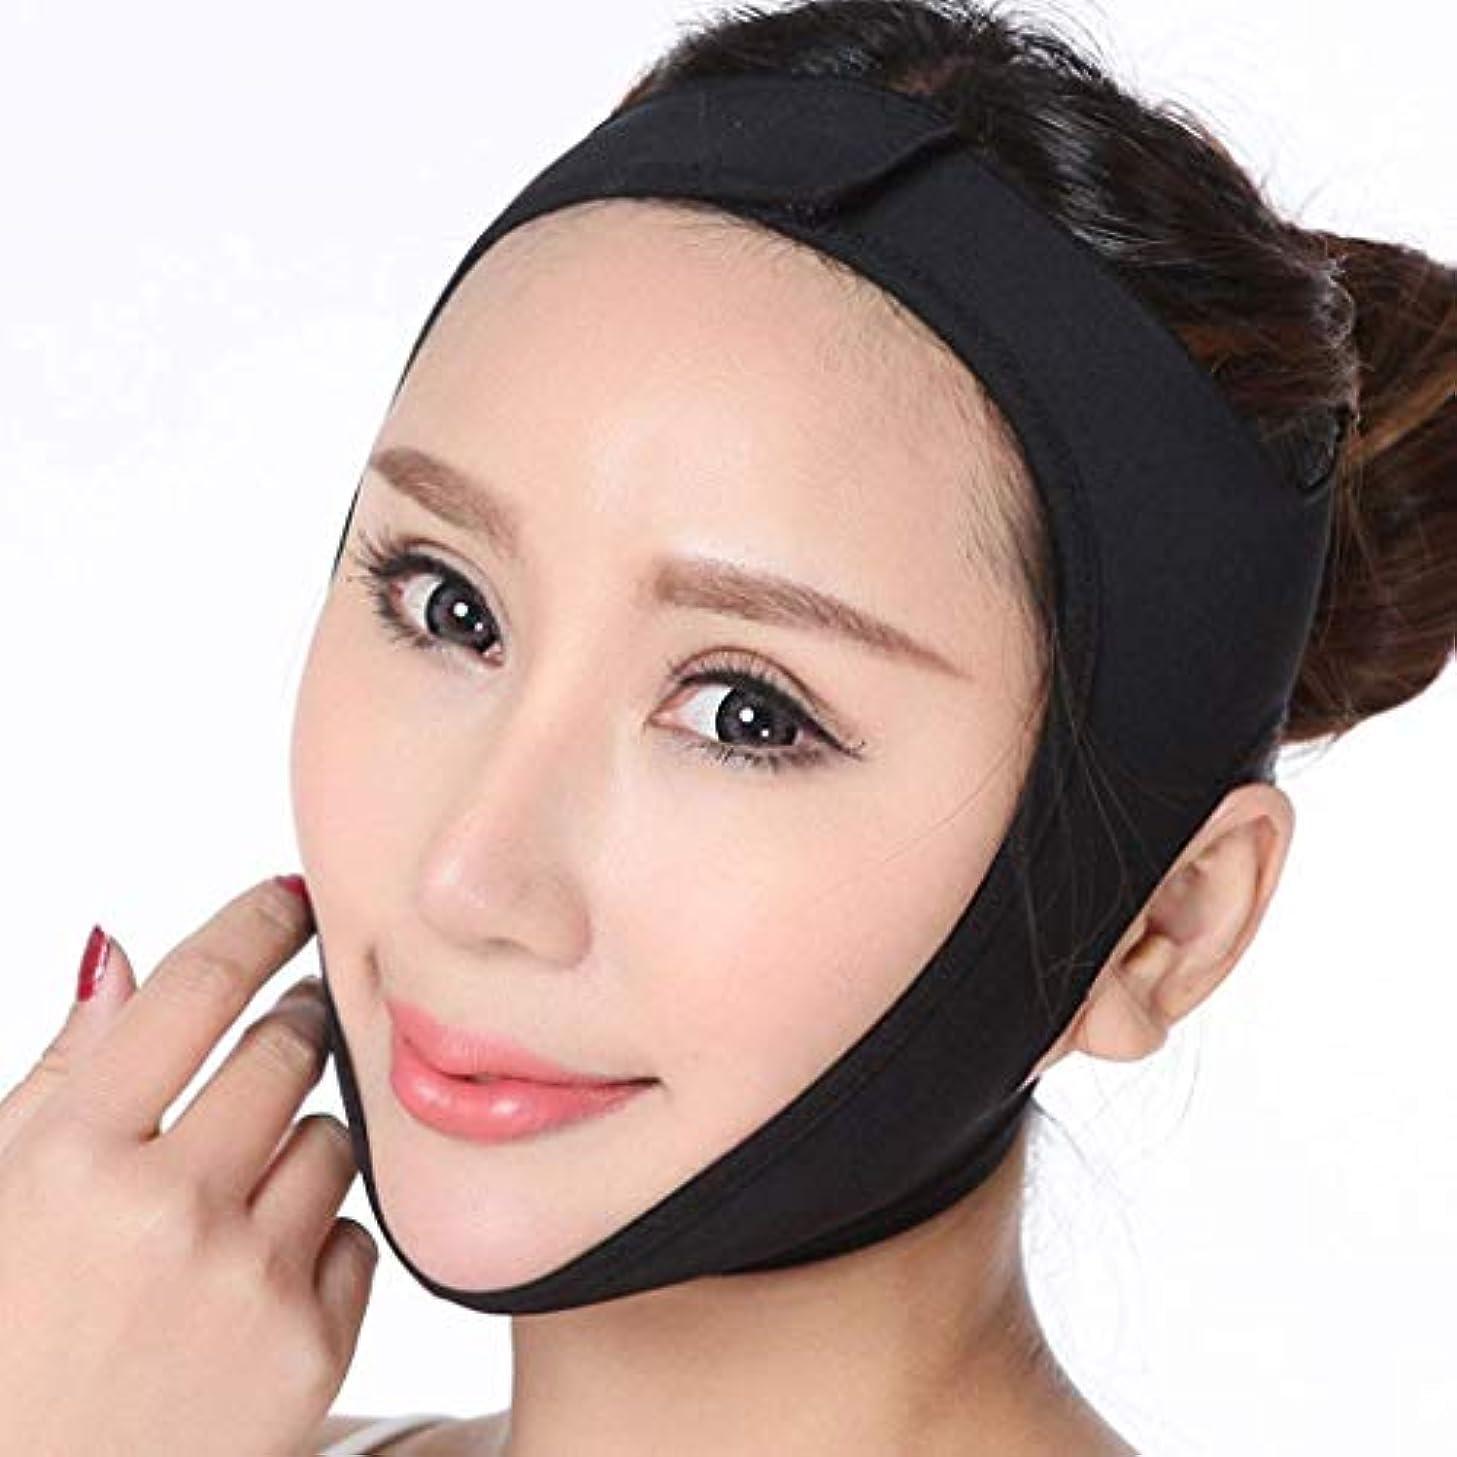 アプローチ合併症ドルHUYYA 女性の顔を持ち上げるベルト、Vライン頬 しわ防止包帯 二重あごの減量顔,Black_Small